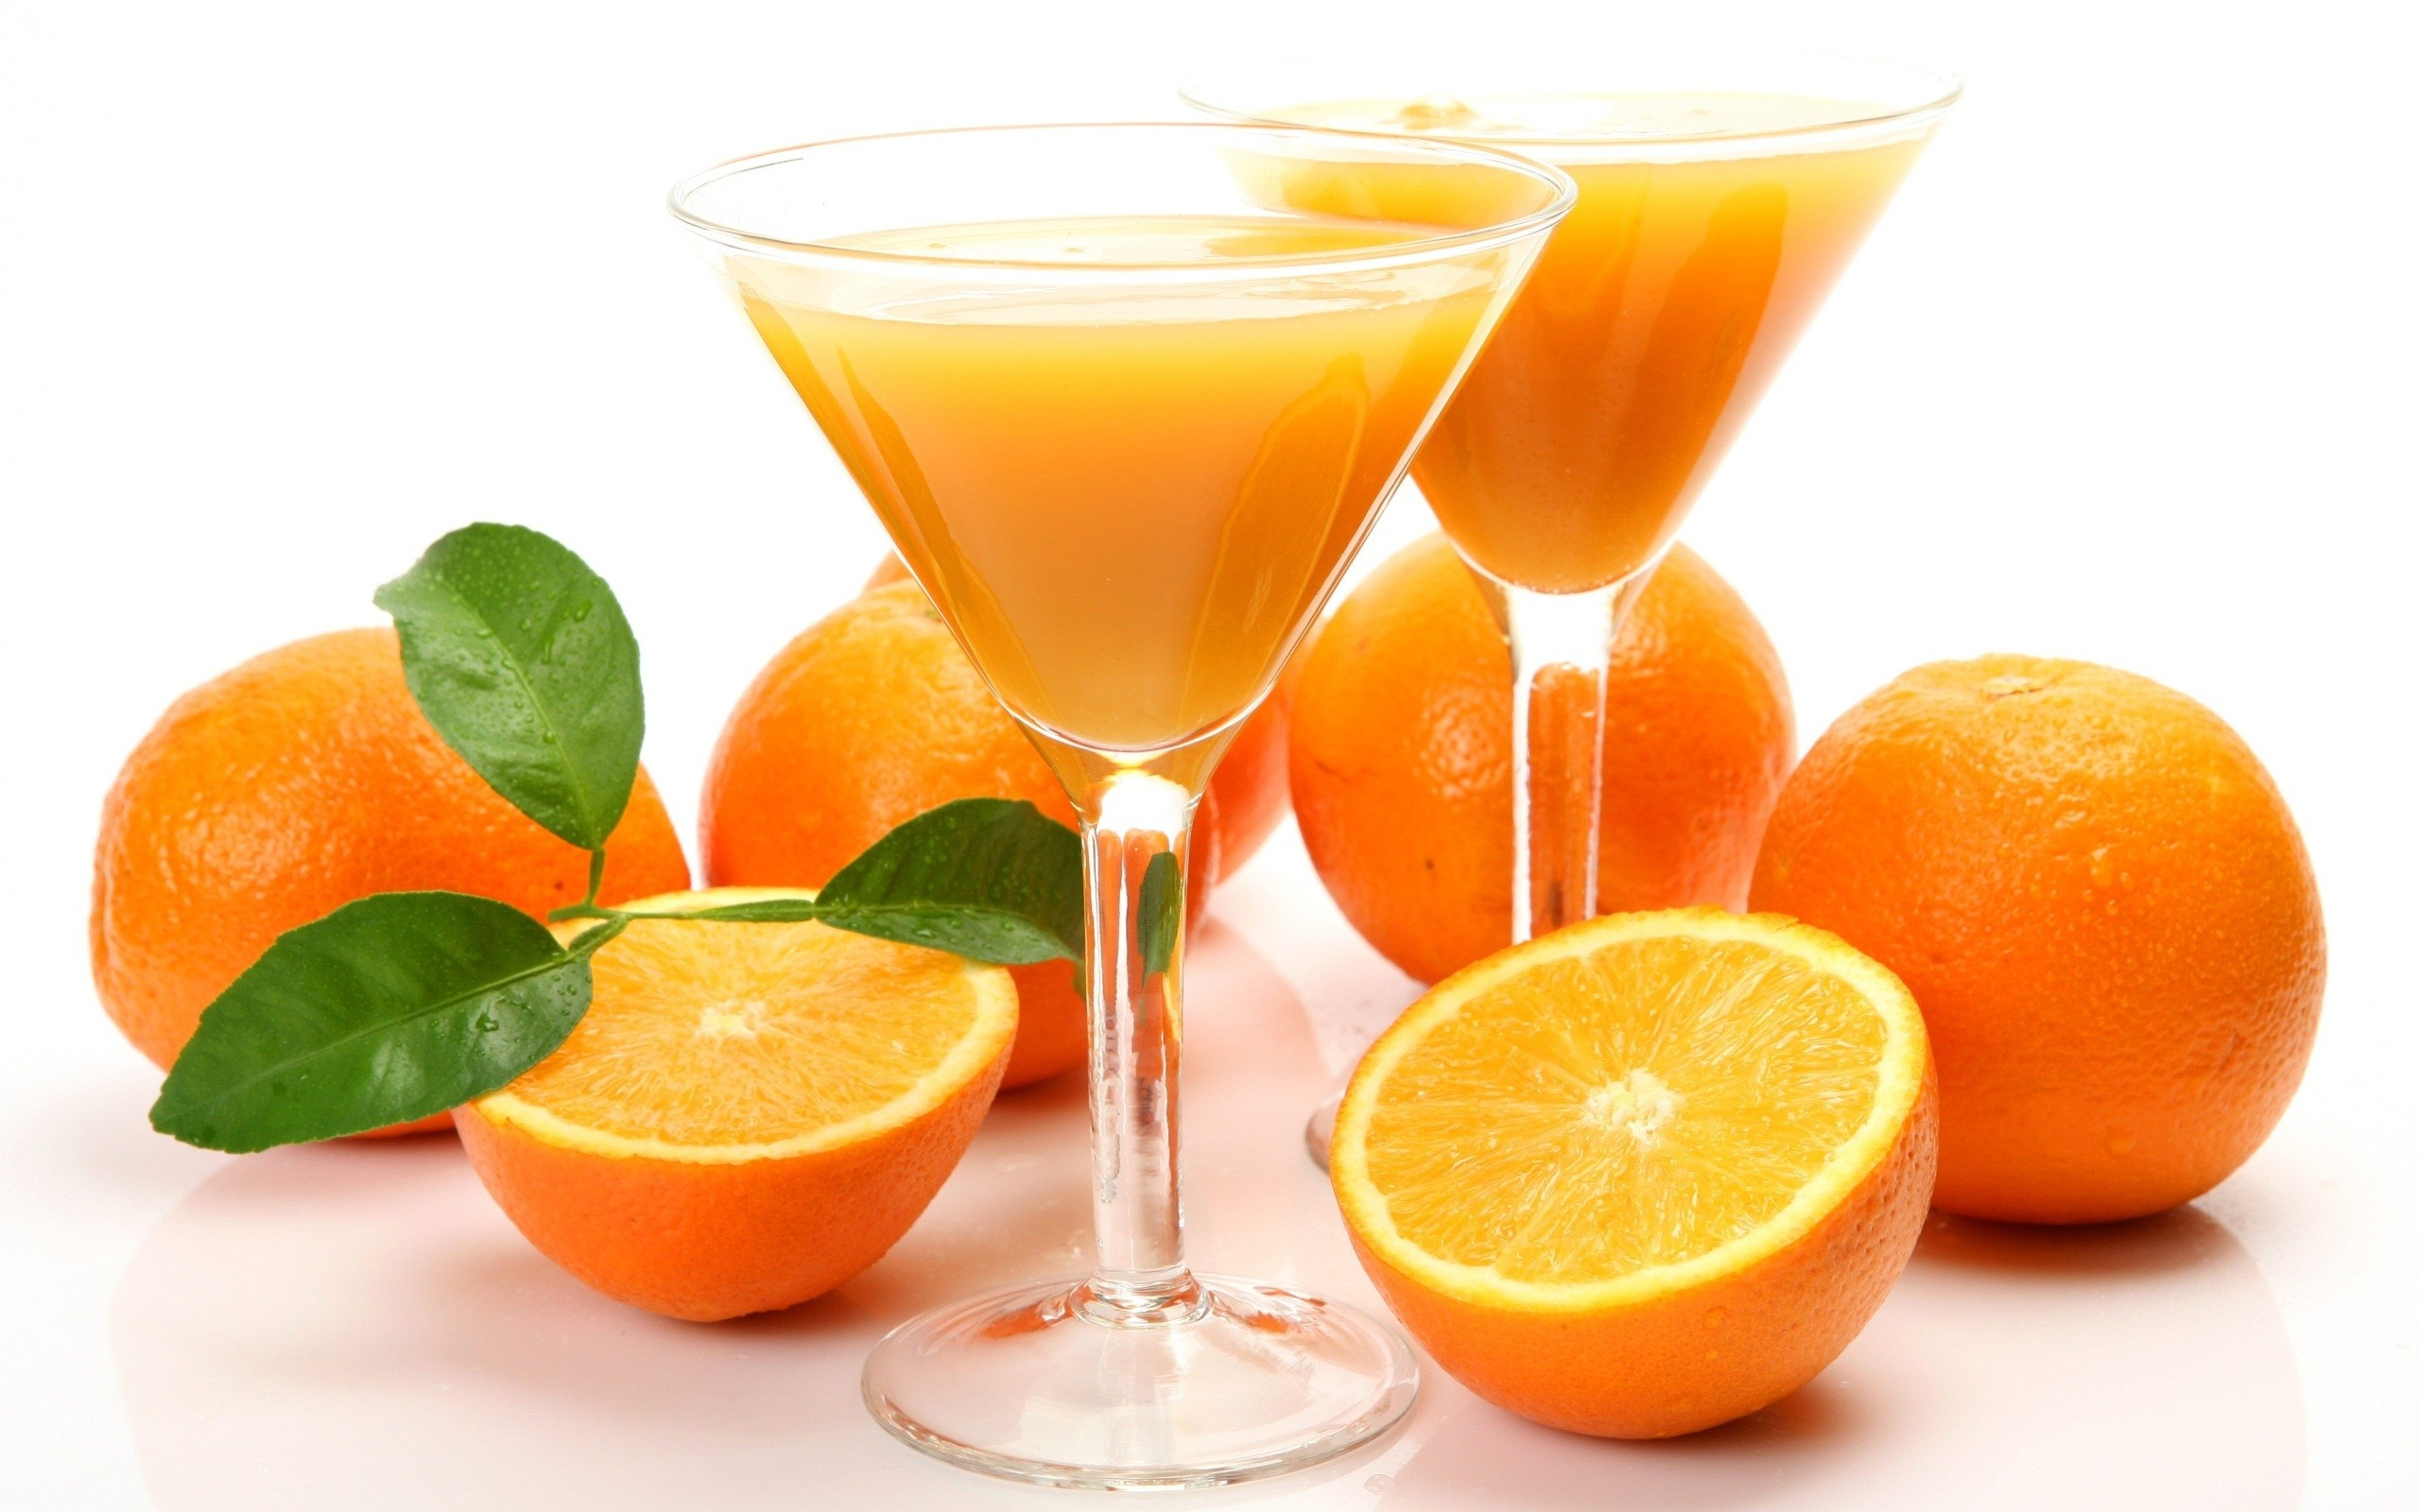 最新研究:柑橘類水果可防止肥胖慢性病 - 纽约文摘 - 纽约文摘